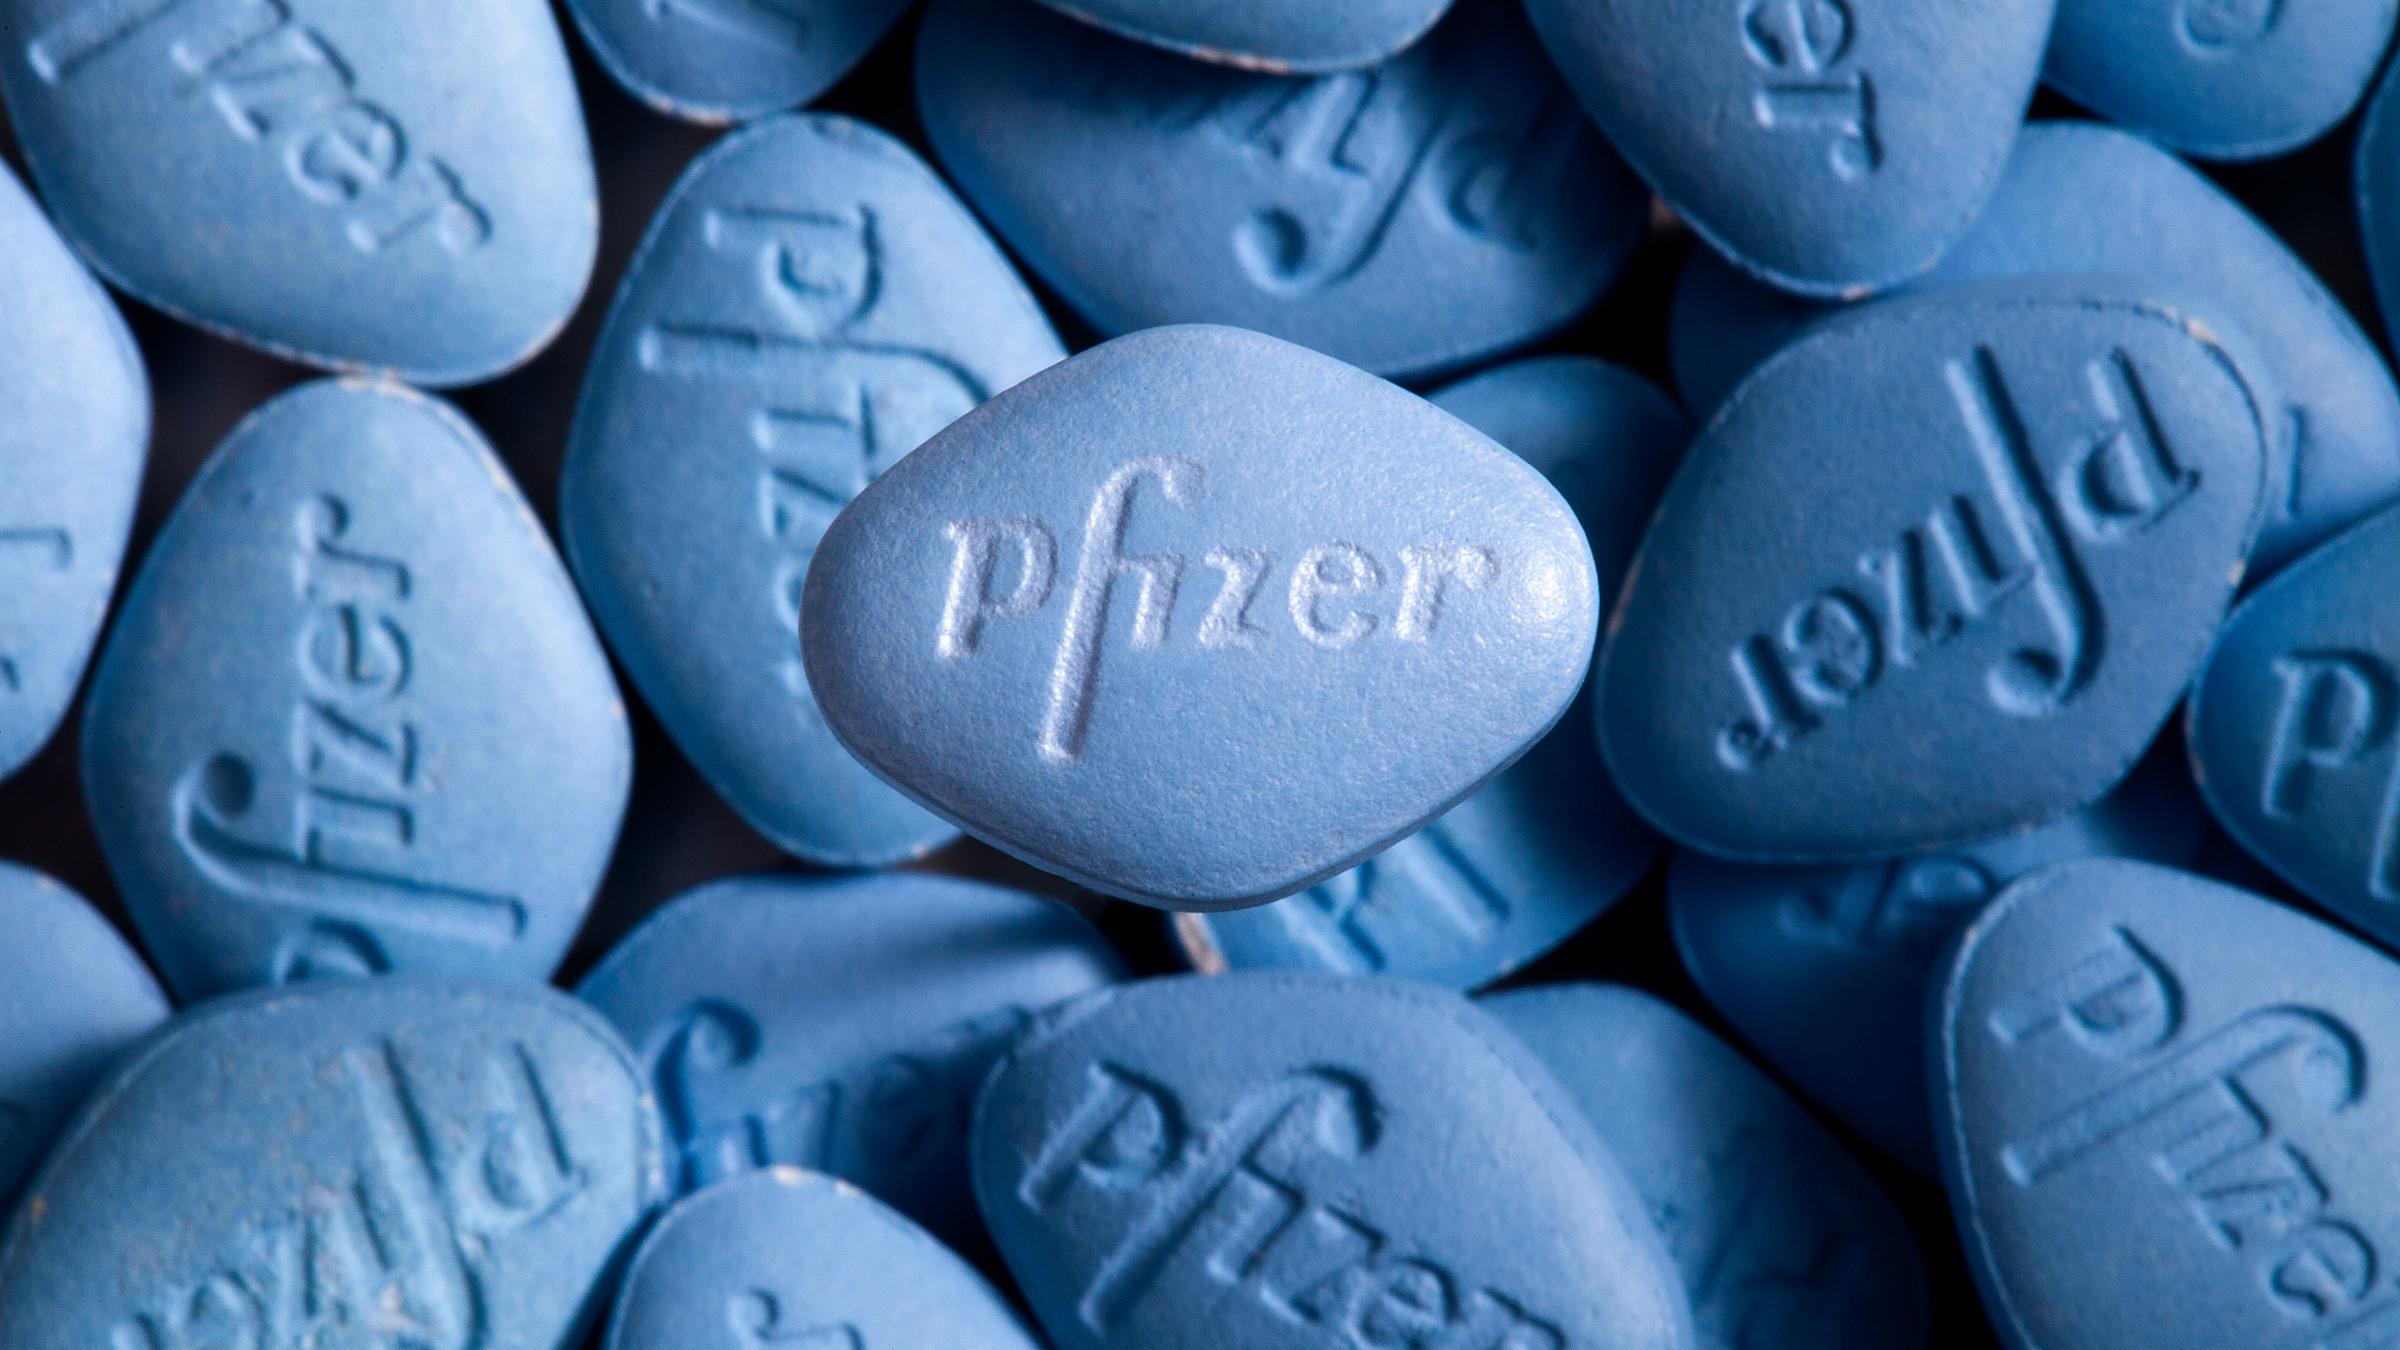 Tax On Bonus Uk >> Pfizer's $100 billion deal shows pharma patents' perverse ...